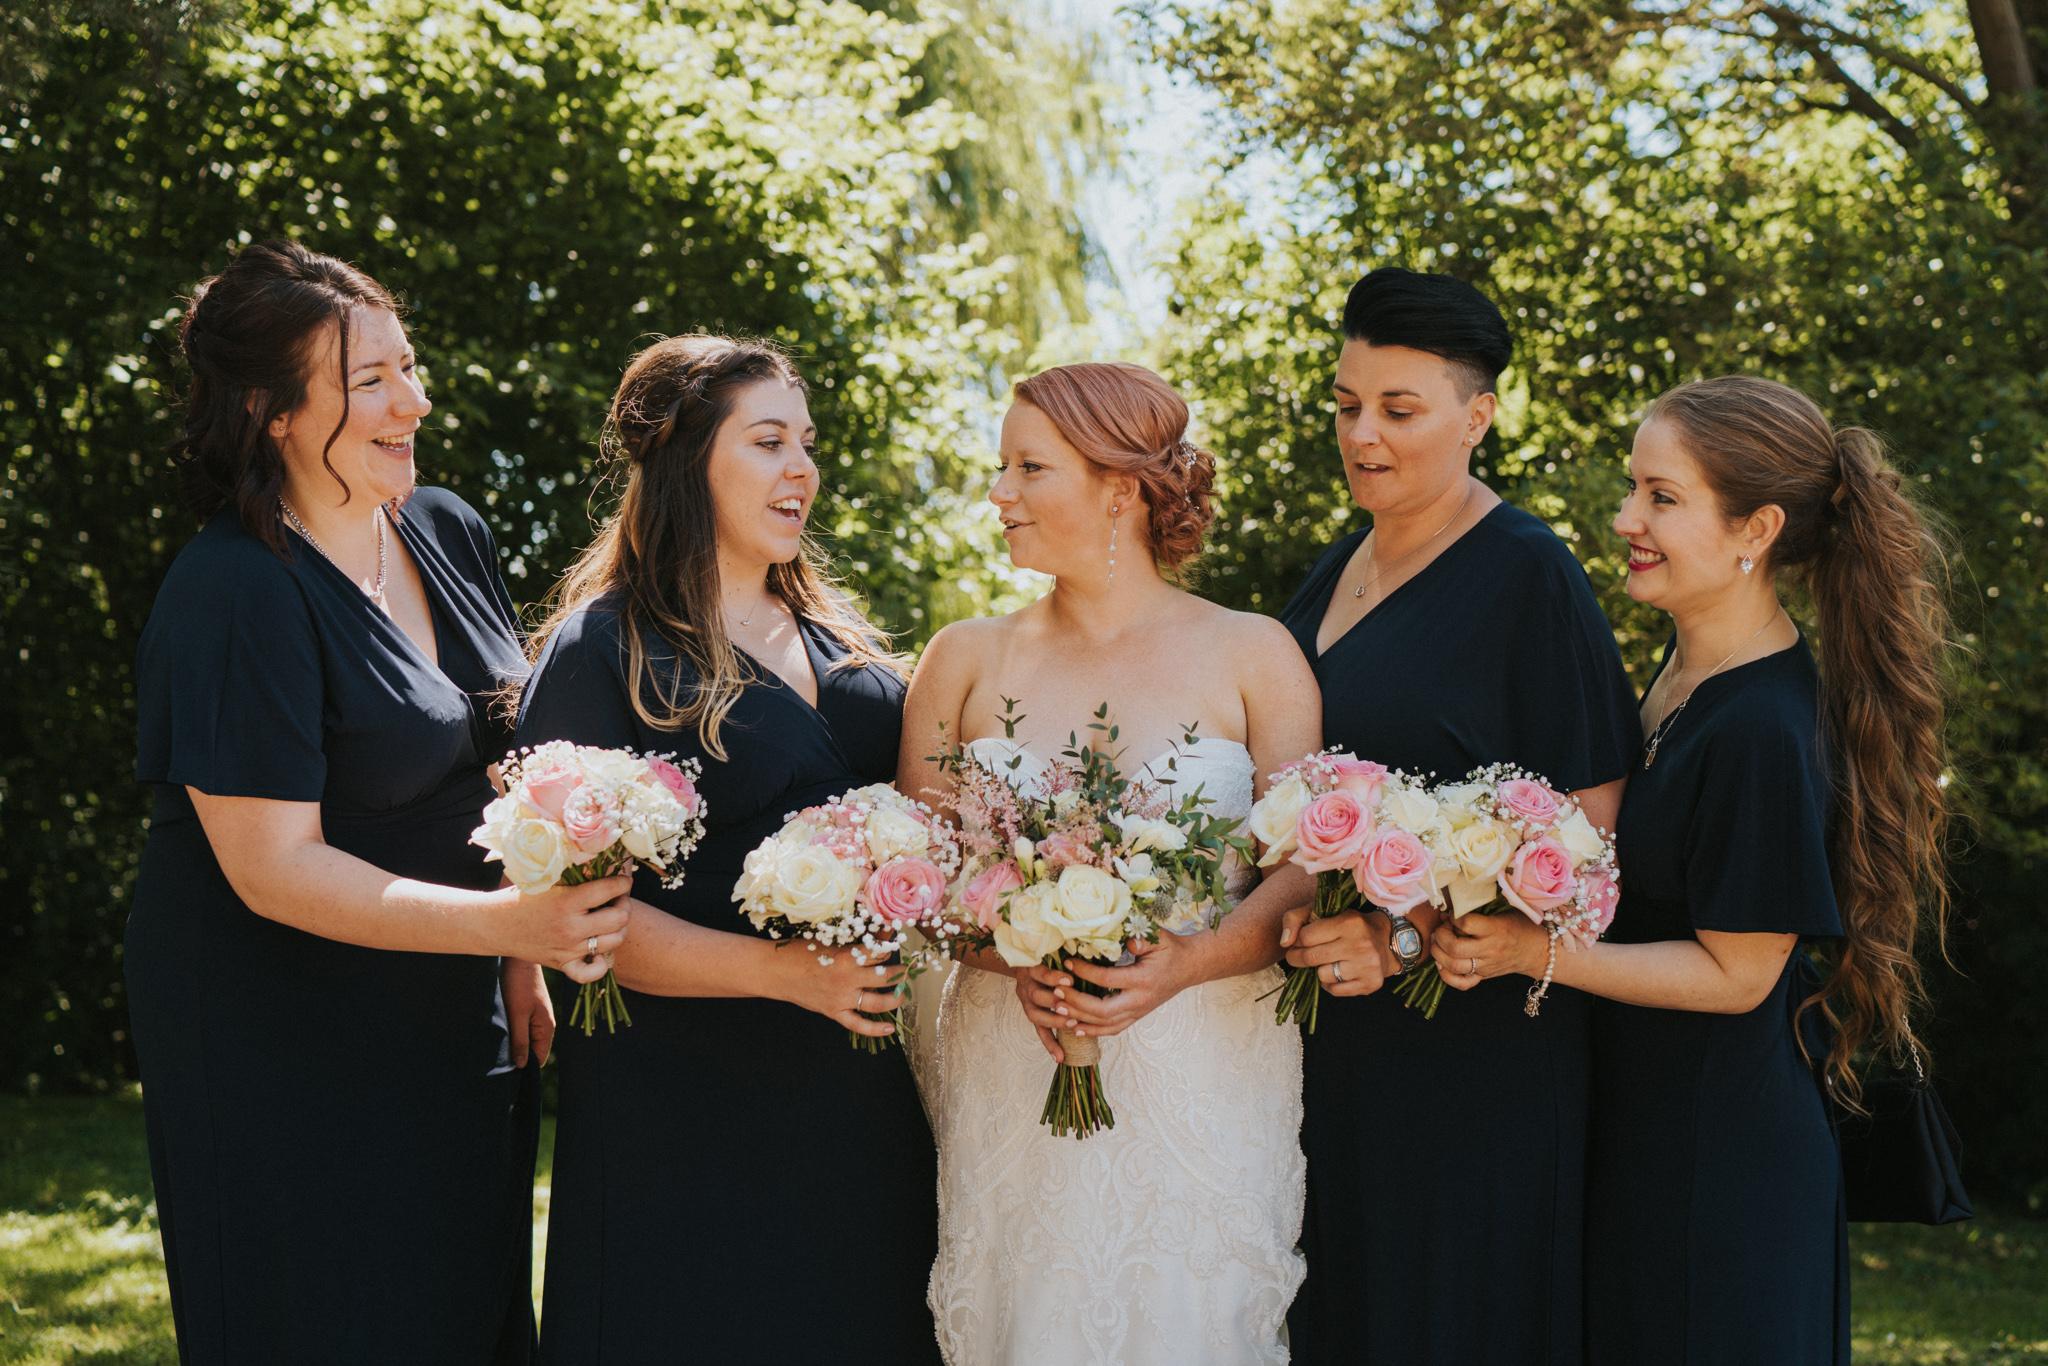 steph-neil-red-brick-barn-rochford-wedding-grace-elizabeth-colchester-essex-alternative-wedding-photographer-essex-suffolk-norfolk-devon (6 of 43).jpg